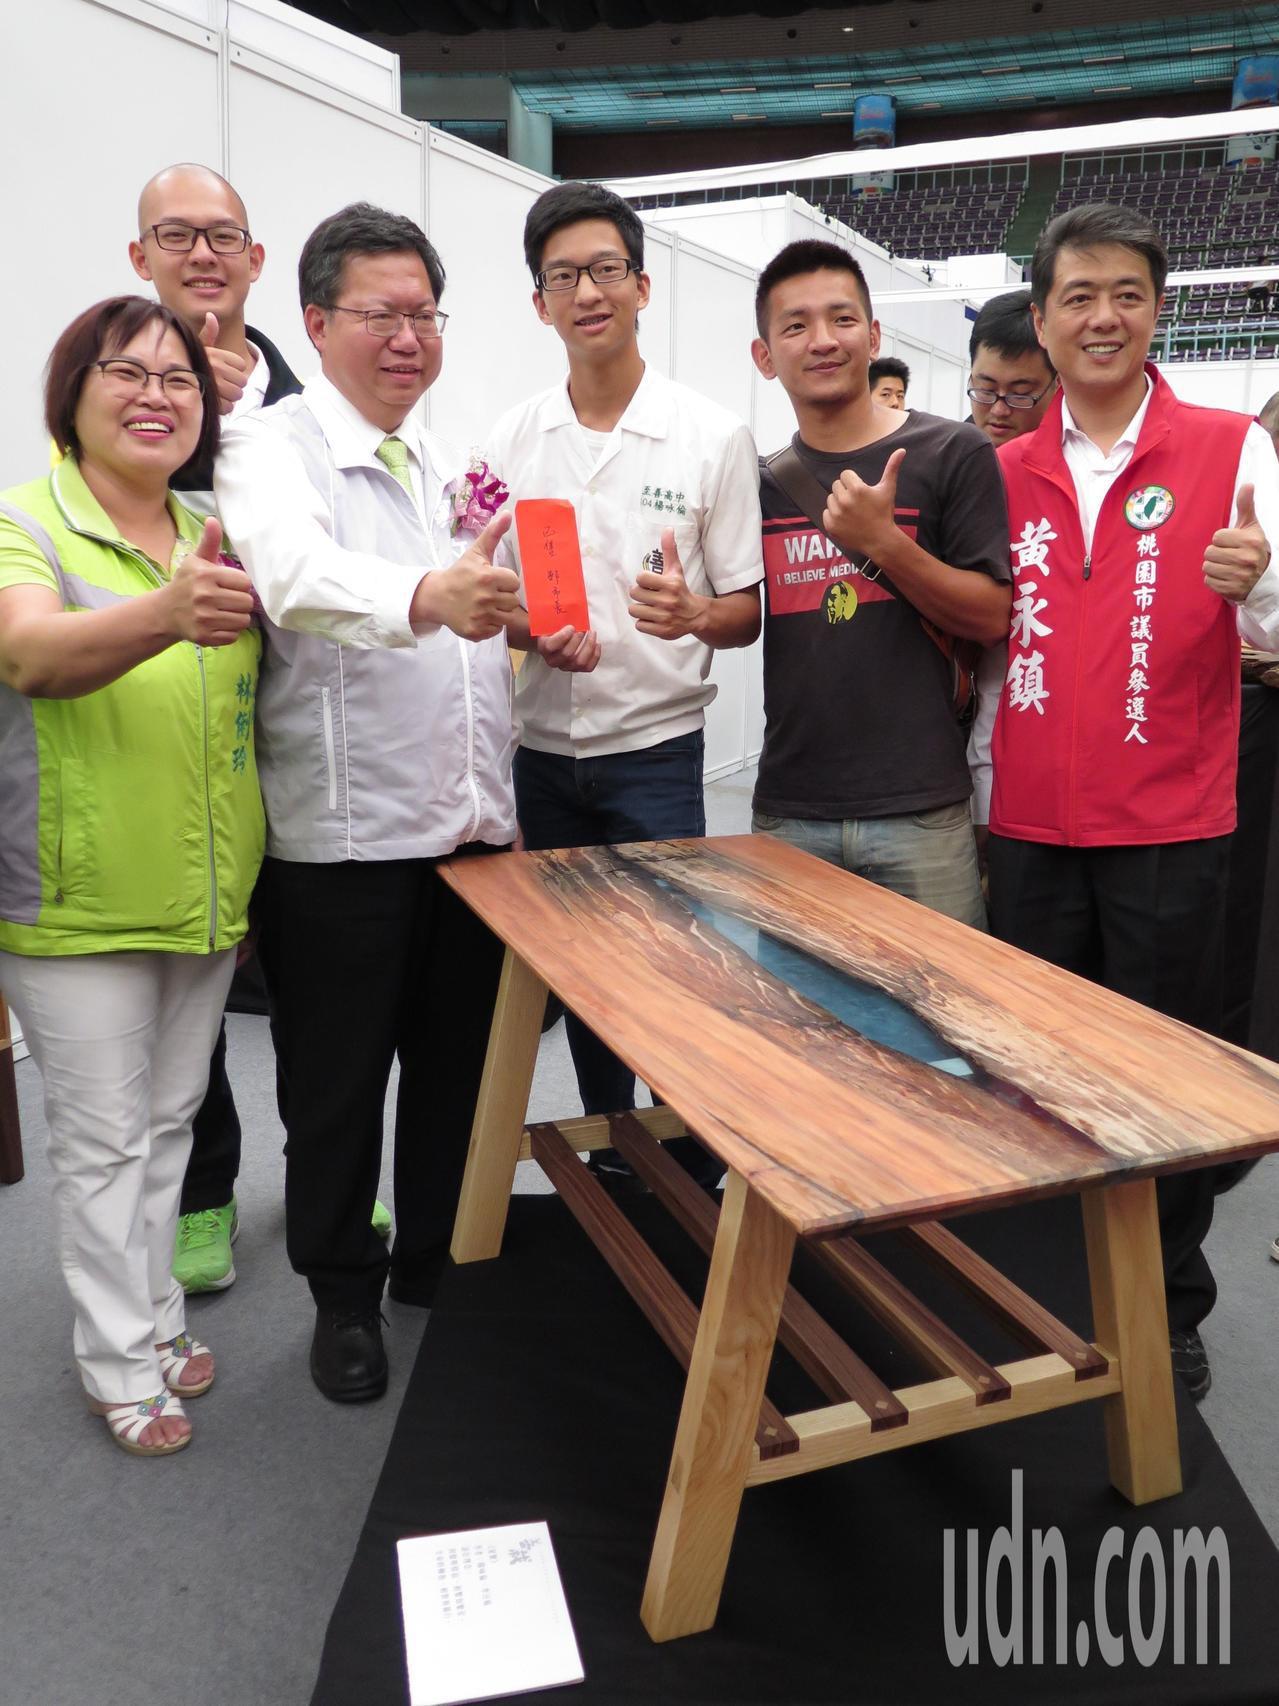 市長鄭文燦(左三)今天到桃園木創與家居生活展,看見高三生親手打造的方形木桌,自掏...